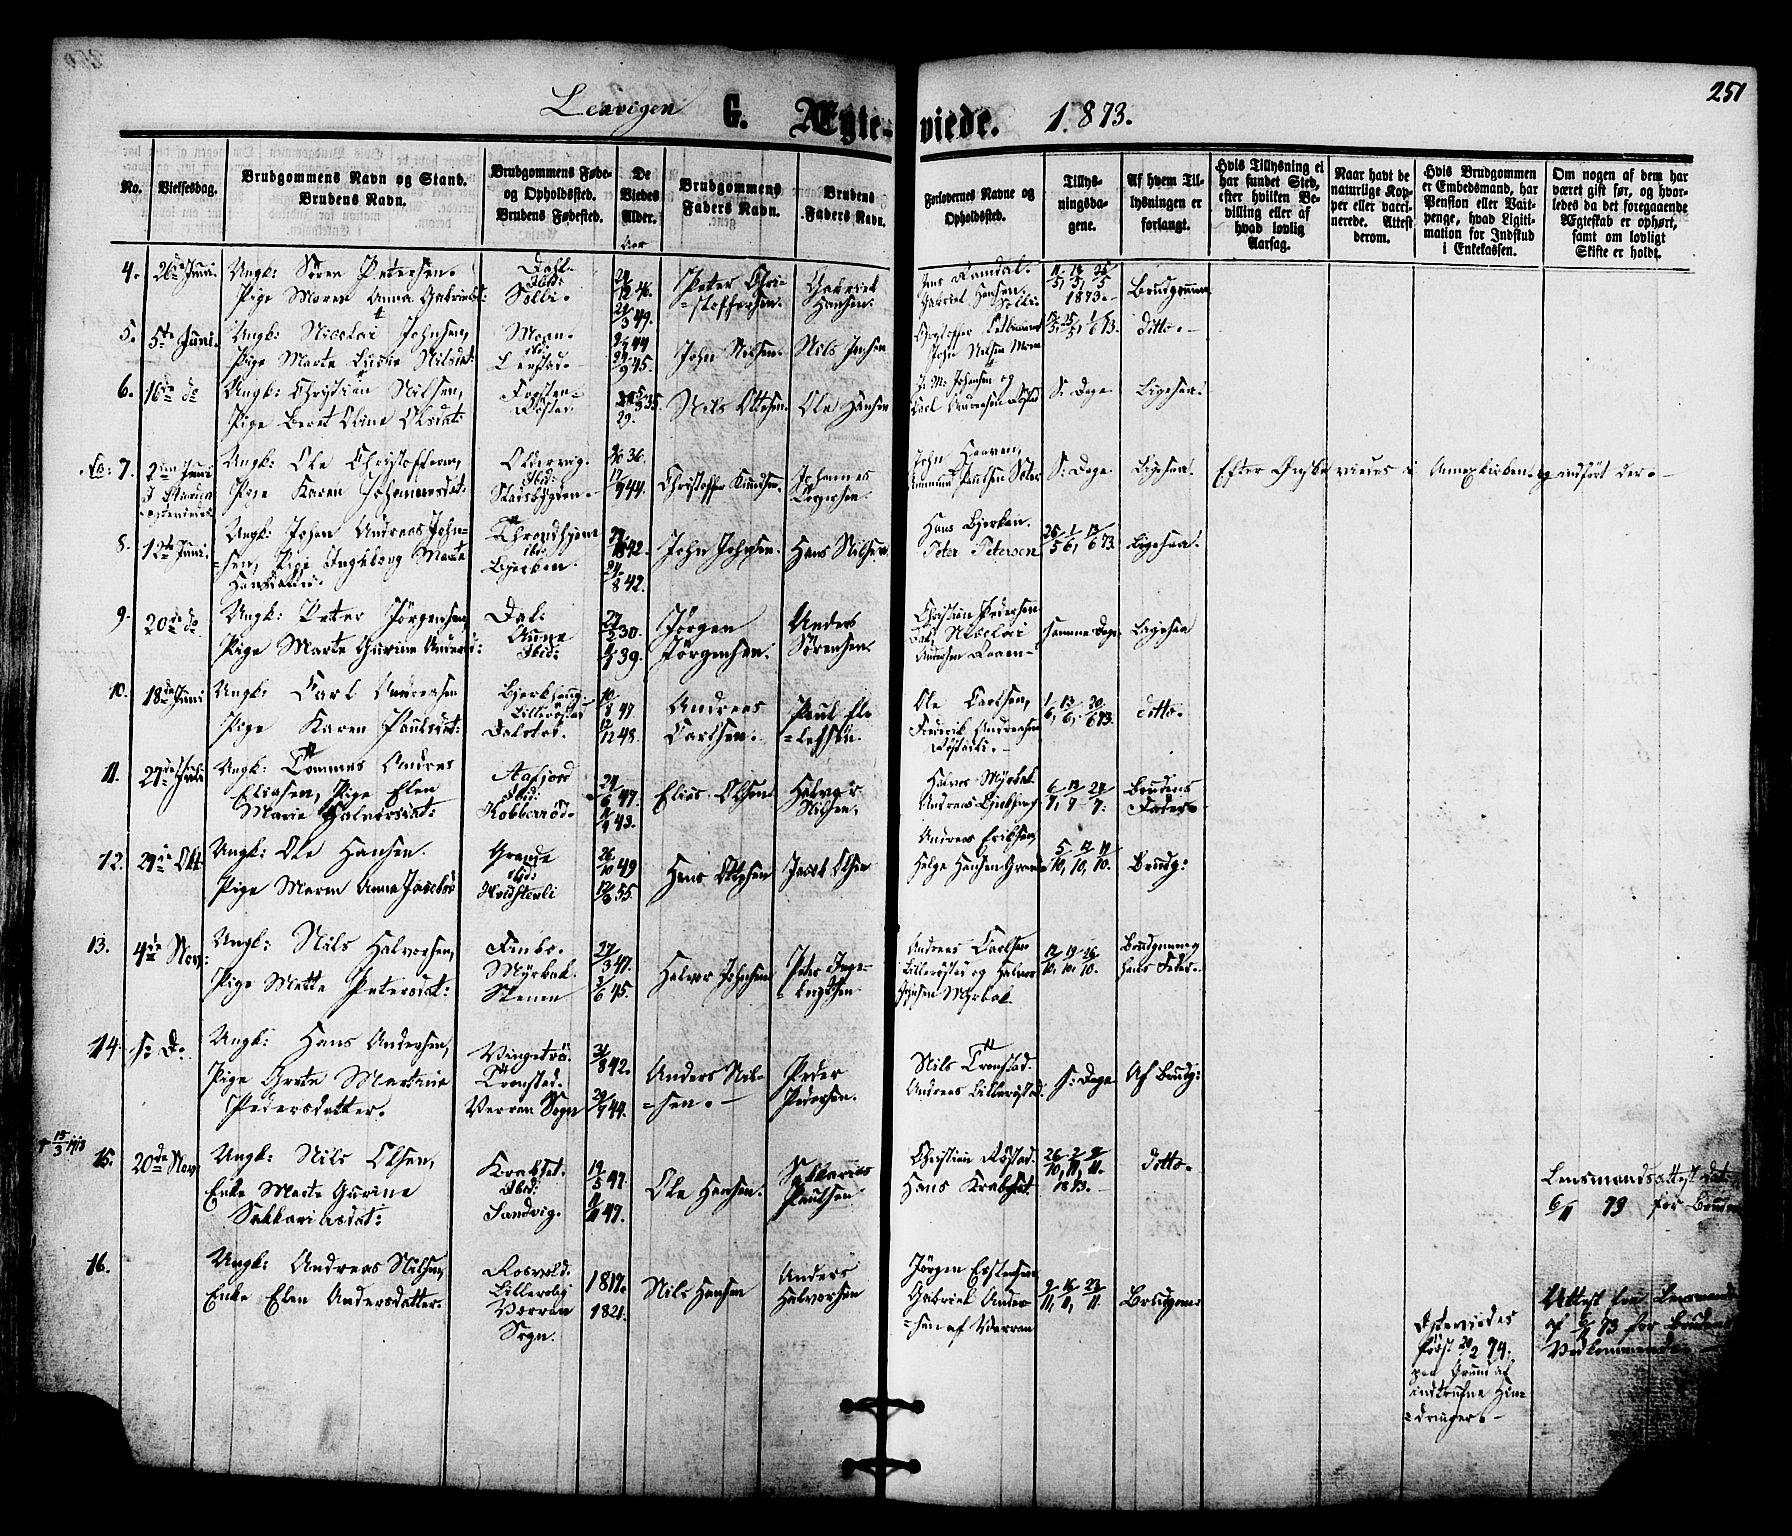 SAT, Ministerialprotokoller, klokkerbøker og fødselsregistre - Nord-Trøndelag, 701/L0009: Ministerialbok nr. 701A09 /1, 1864-1882, s. 251